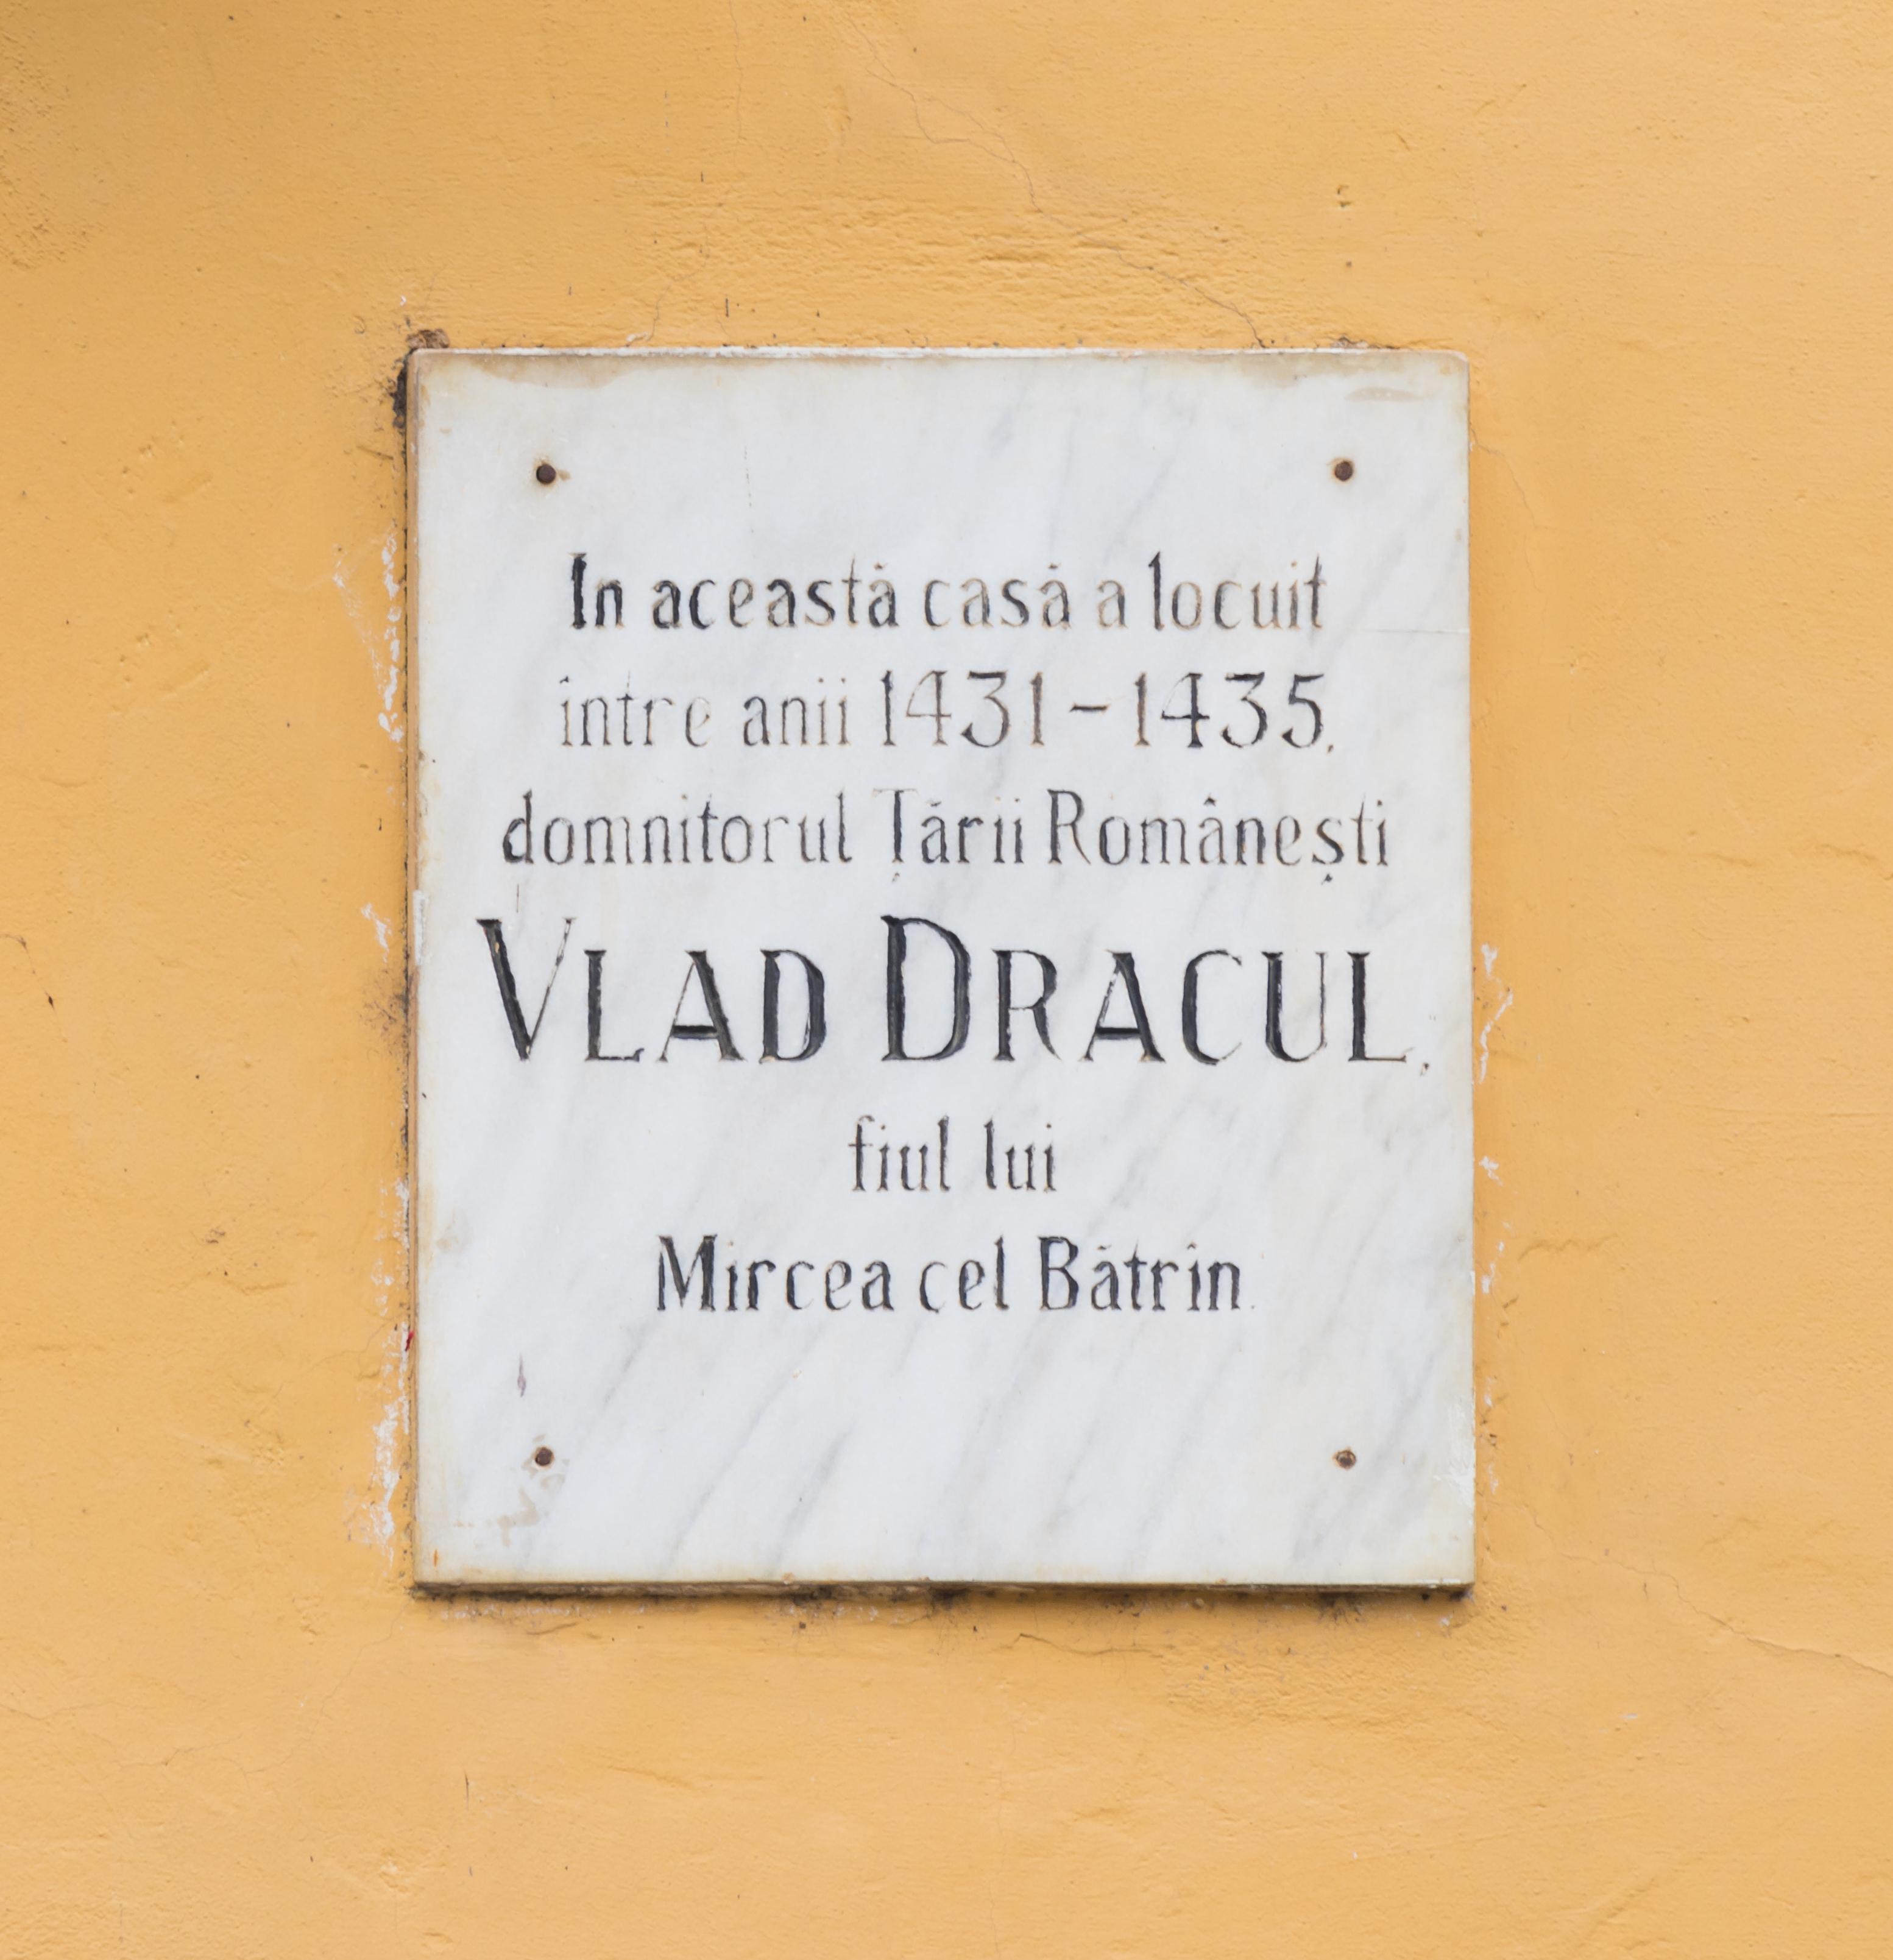 Tras las huellas del vampiro más famoso del mundo - Rumanía Circuito Rumanía Histórica